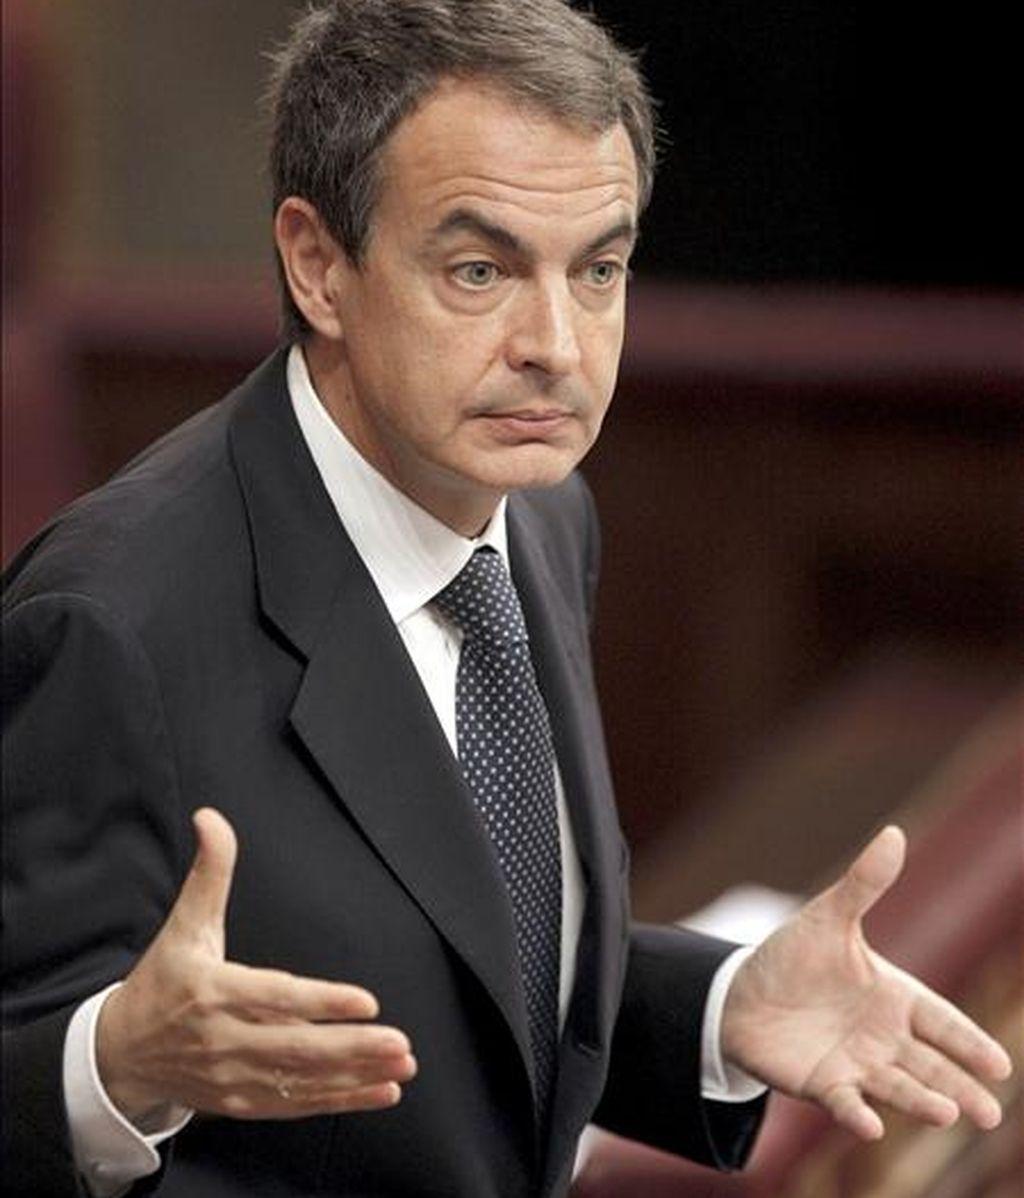 El presidente del Gobierno, José Luis Rodríguez Zapatero, durante una de sus intervenciones en el Congreso de los Diputados, donde ayer presentó la Estrategia para el Crecimiento Económico Sostenible. EFE